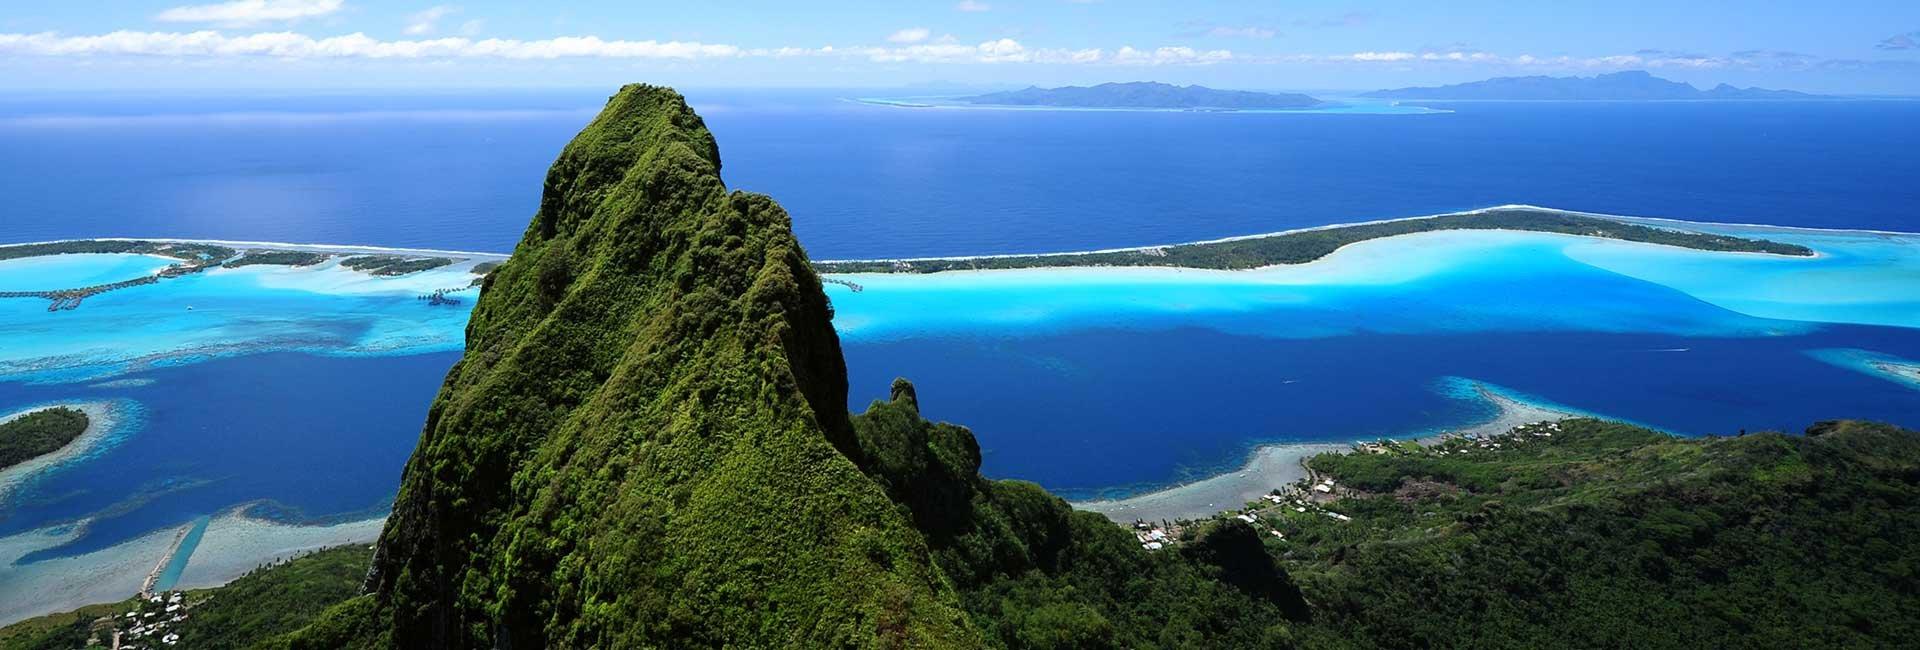 Mountain and ocean in Bora-Bora